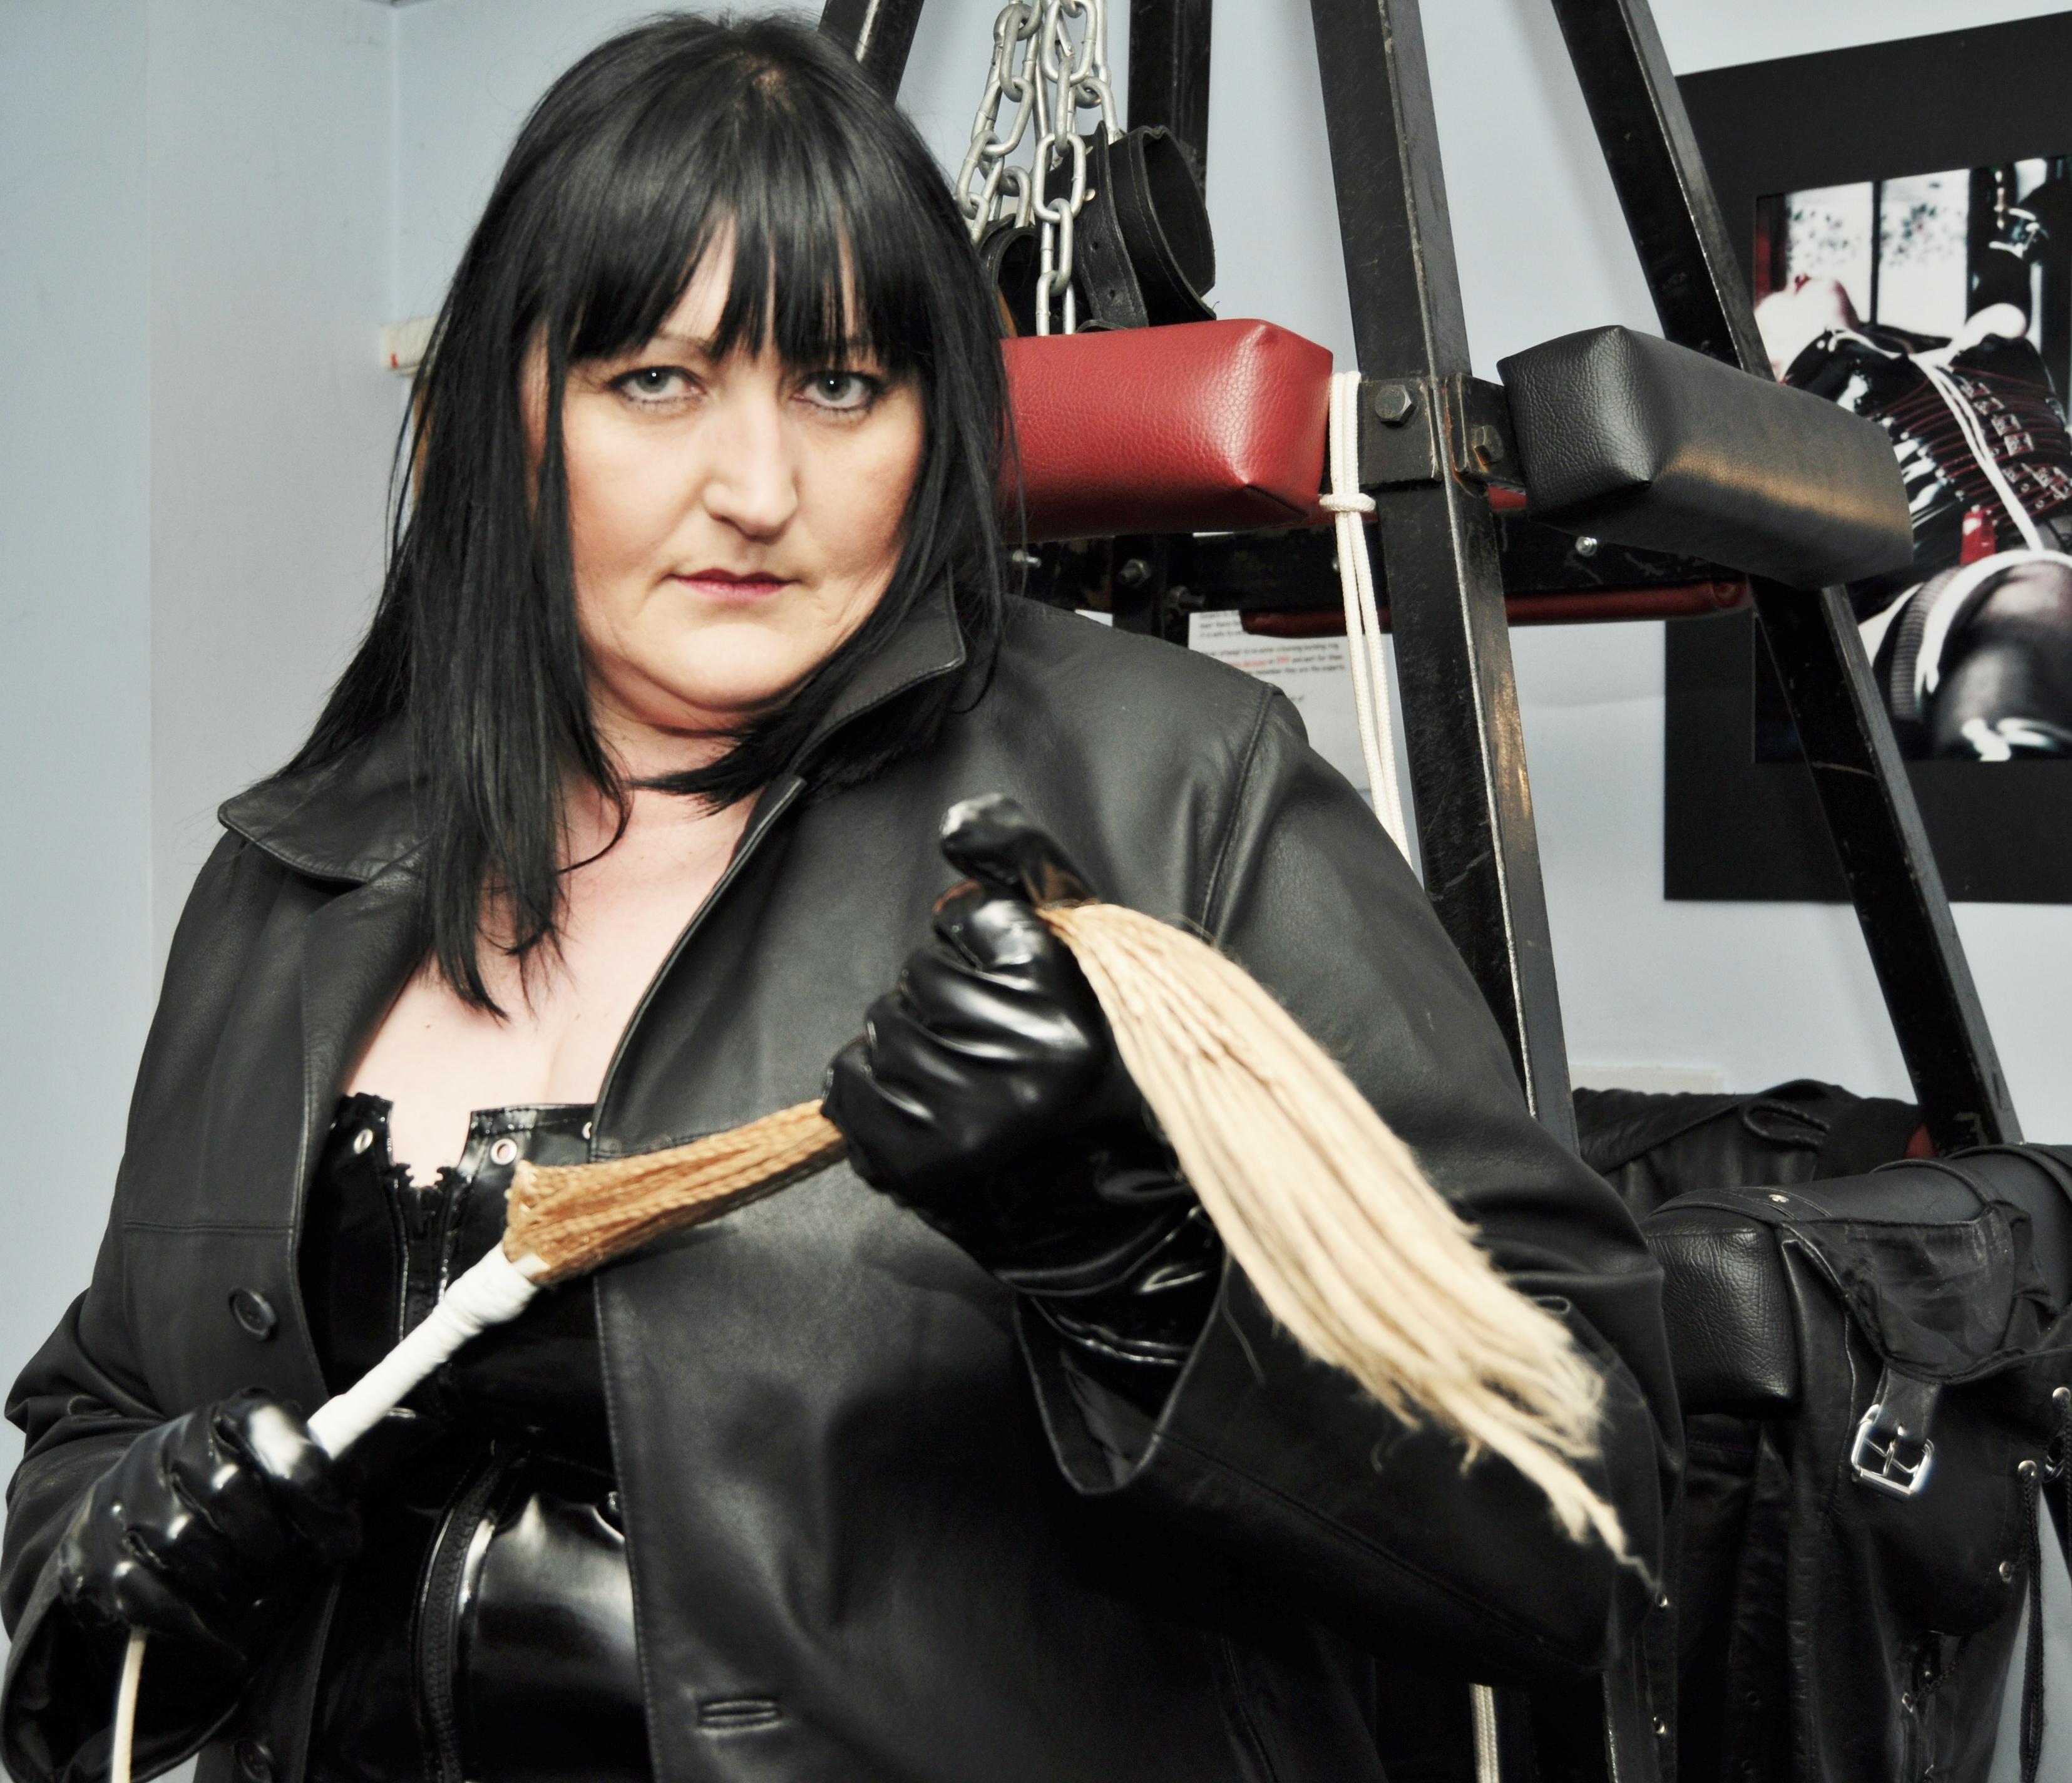 Leather coat and bondage